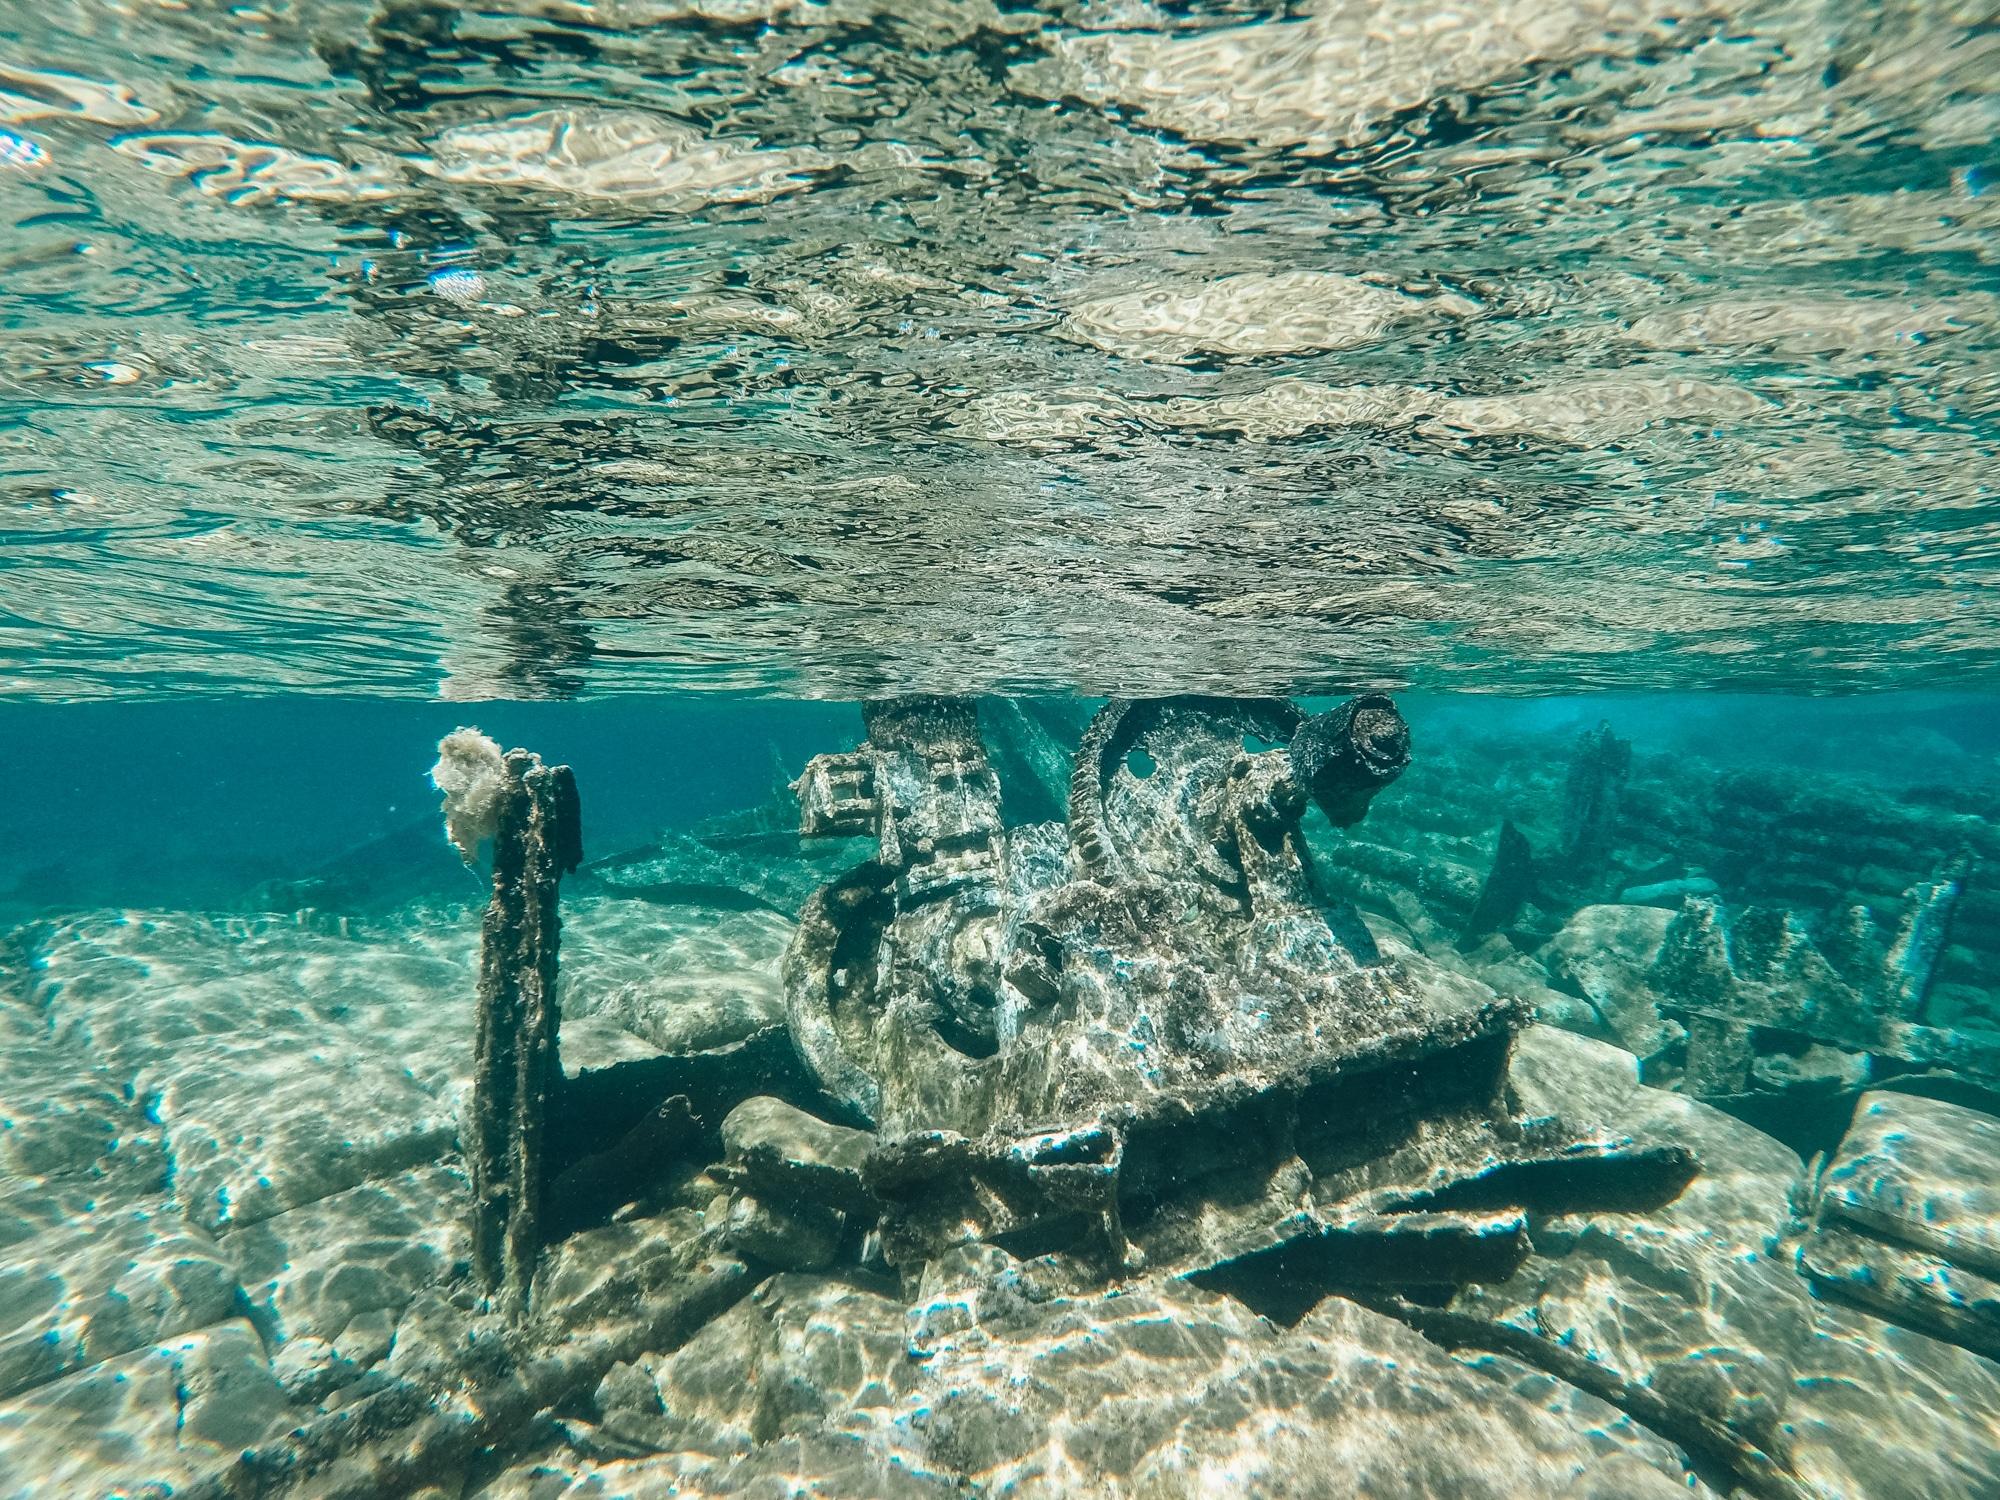 Schönste Strände auf Kreta: Das sind die sechs schönsten Kreta Strände - Gramvousa Pirateninsel Schiffswrack schnorcheln